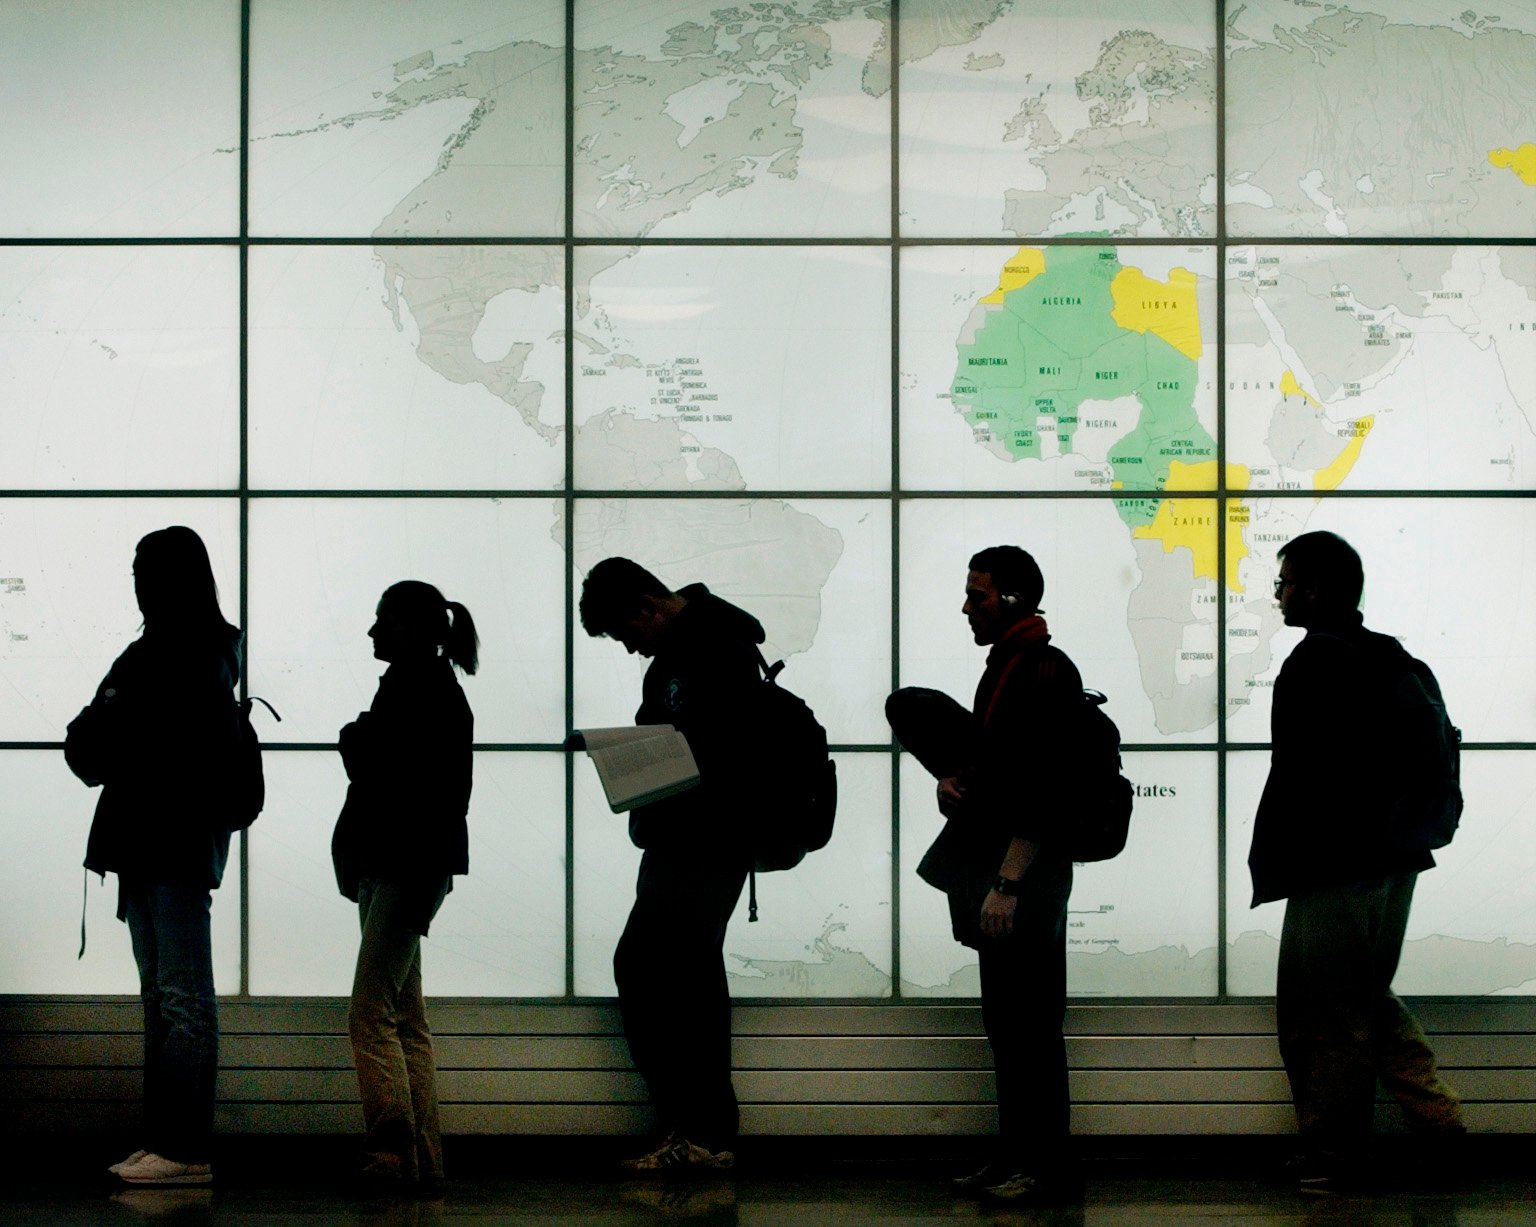 Comisia Europeană: Nu există semnale că un număr mare de români și bulgari s-au deplasat în alte state membre